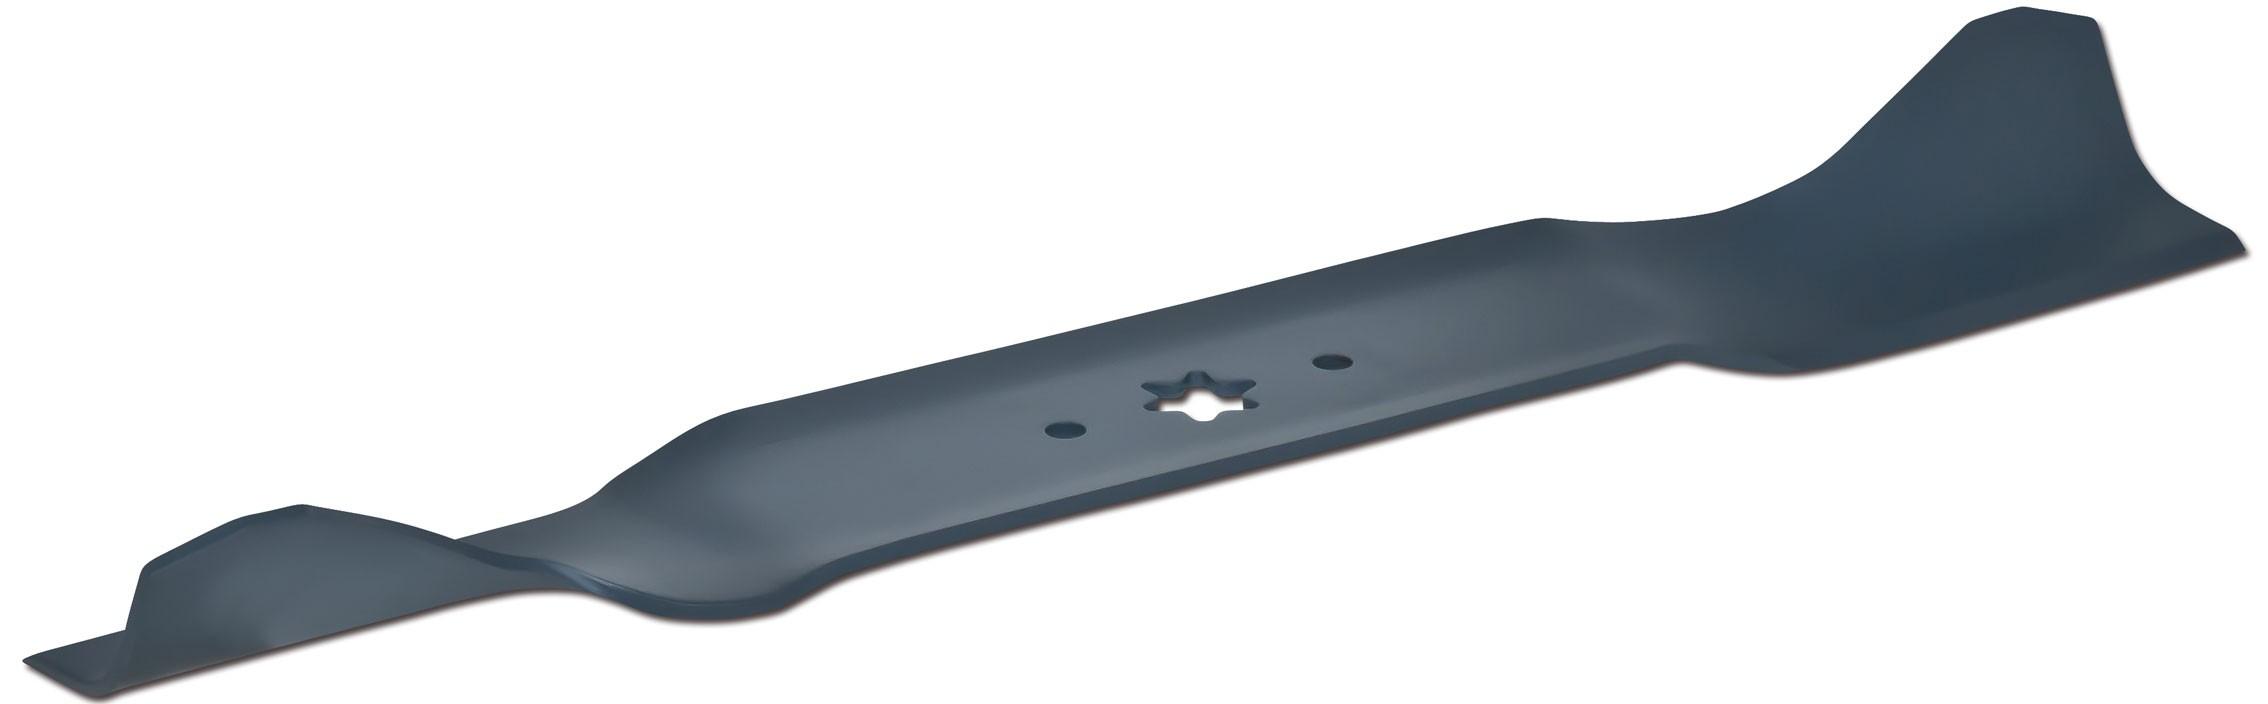 MTD Messer Set für Rasentraktor Highlift 96cm Bild 1